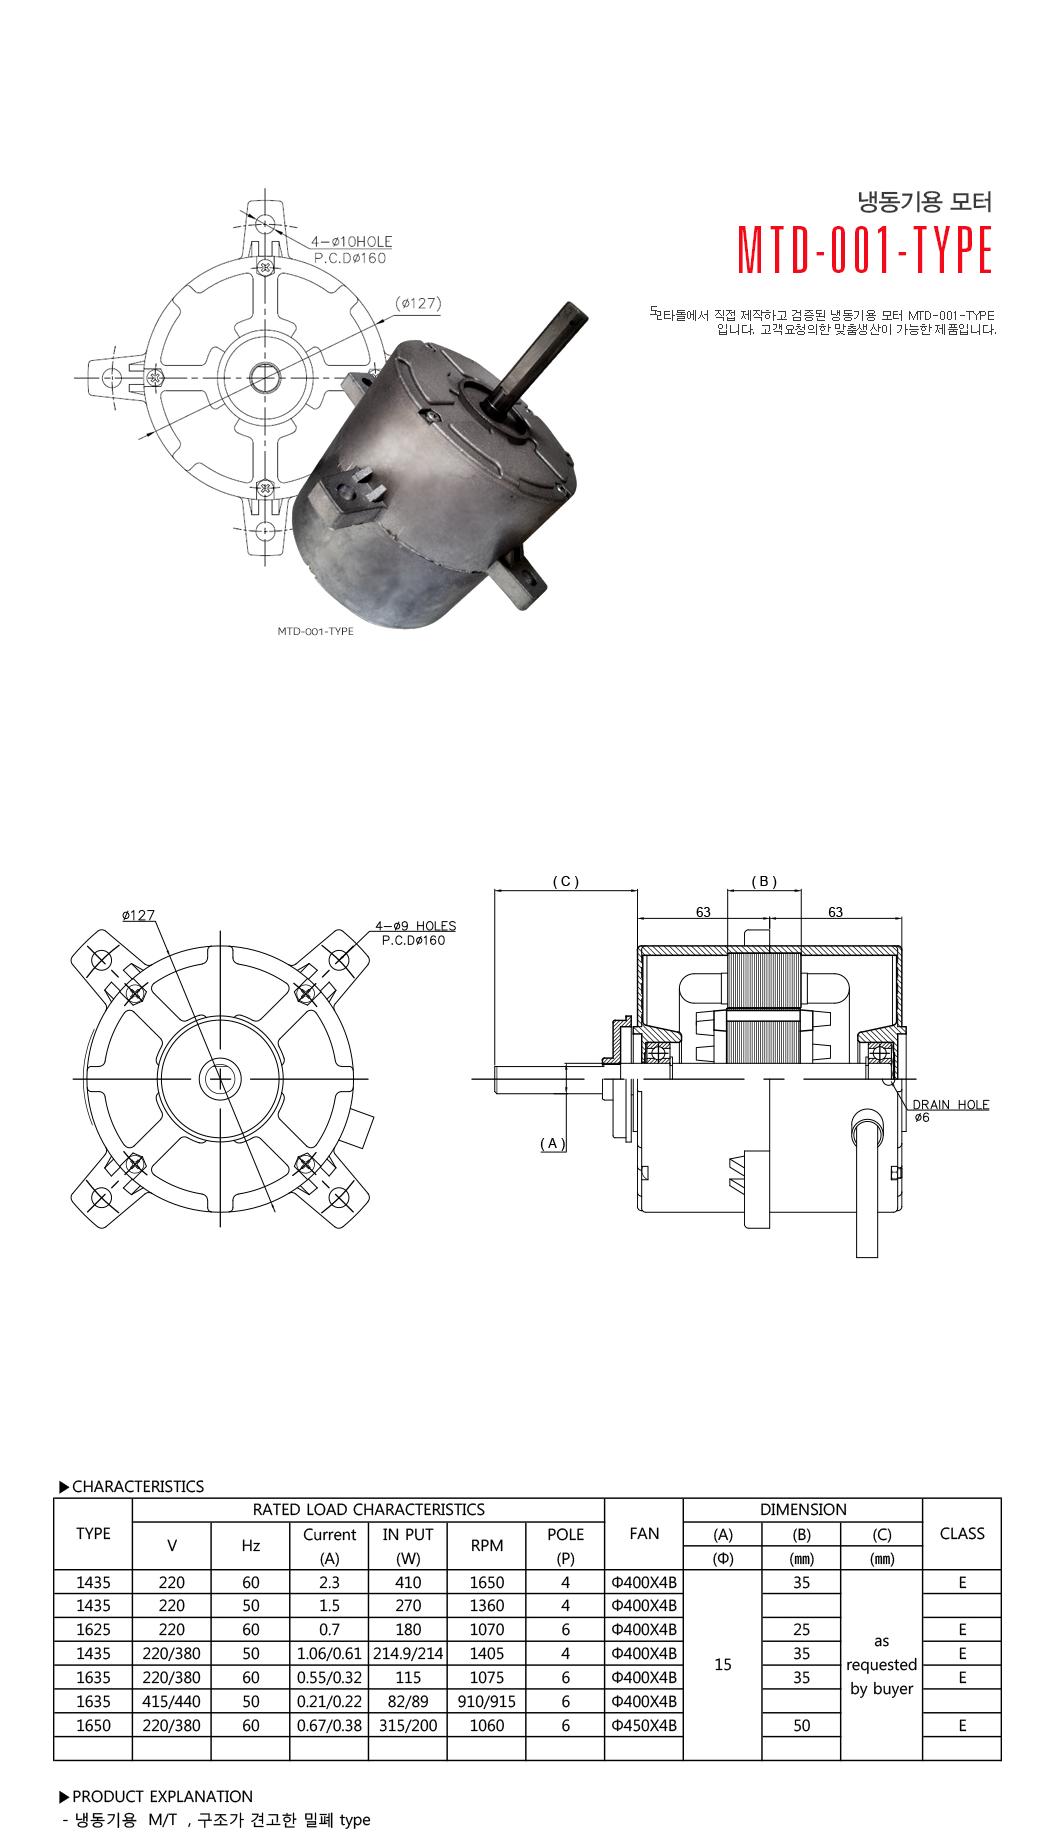 모타돌 냉동기용 모터 MTD-001 Type